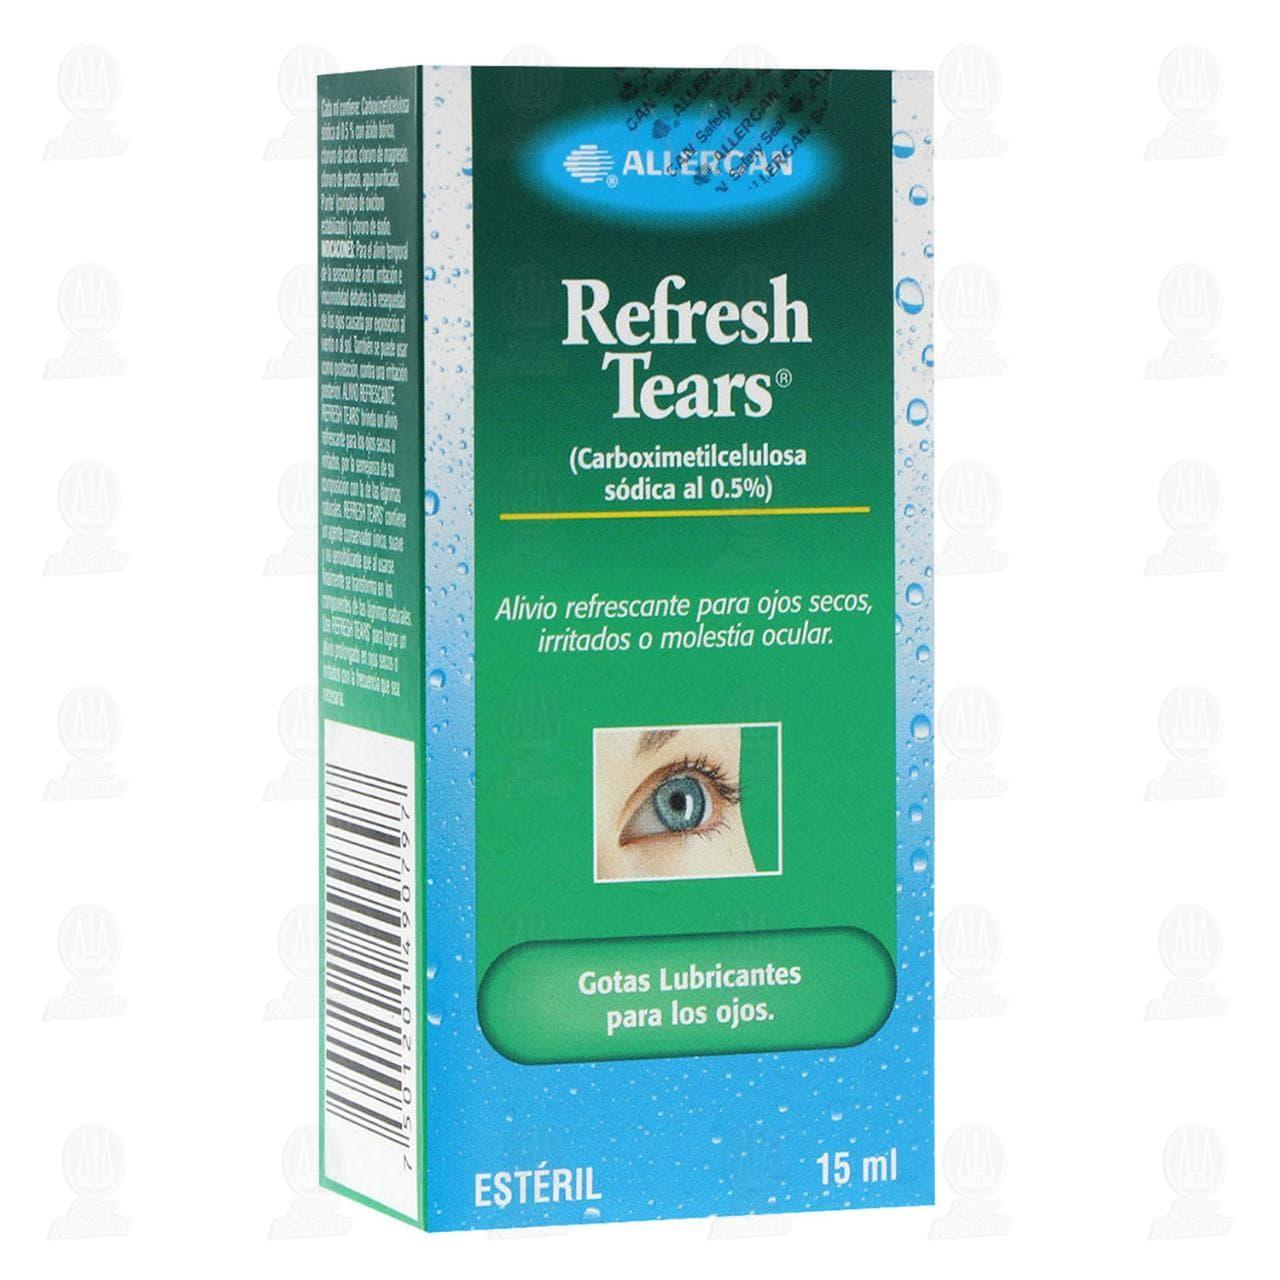 comprar https://www.movil.farmaciasguadalajara.com/wcsstore/FGCAS/wcs/products/851043_A_1280_AL.jpg en farmacias guadalajara